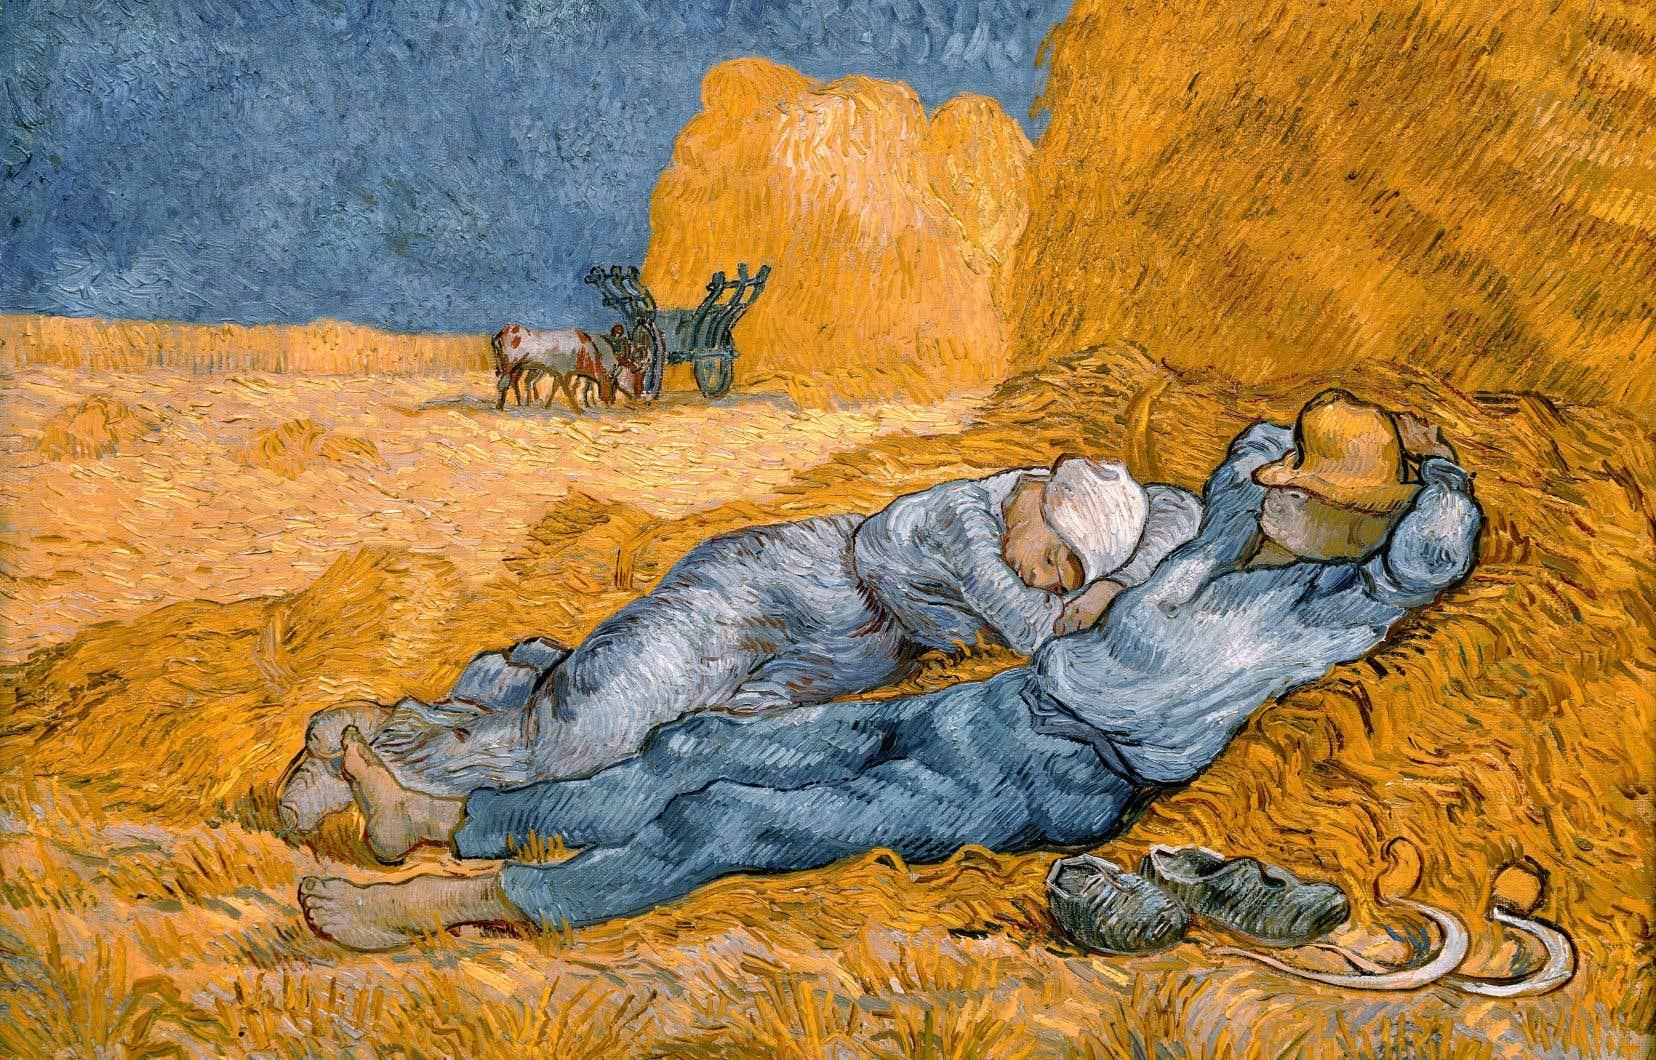 Les représentations artistiques de la sieste sont nombreuses à faire allusion aux controverses que renferme ce moment de repos à l'apparence anodine, comme dans «La méridienne ou La sieste (d'après Millet)», de Vincent Van Gogh.